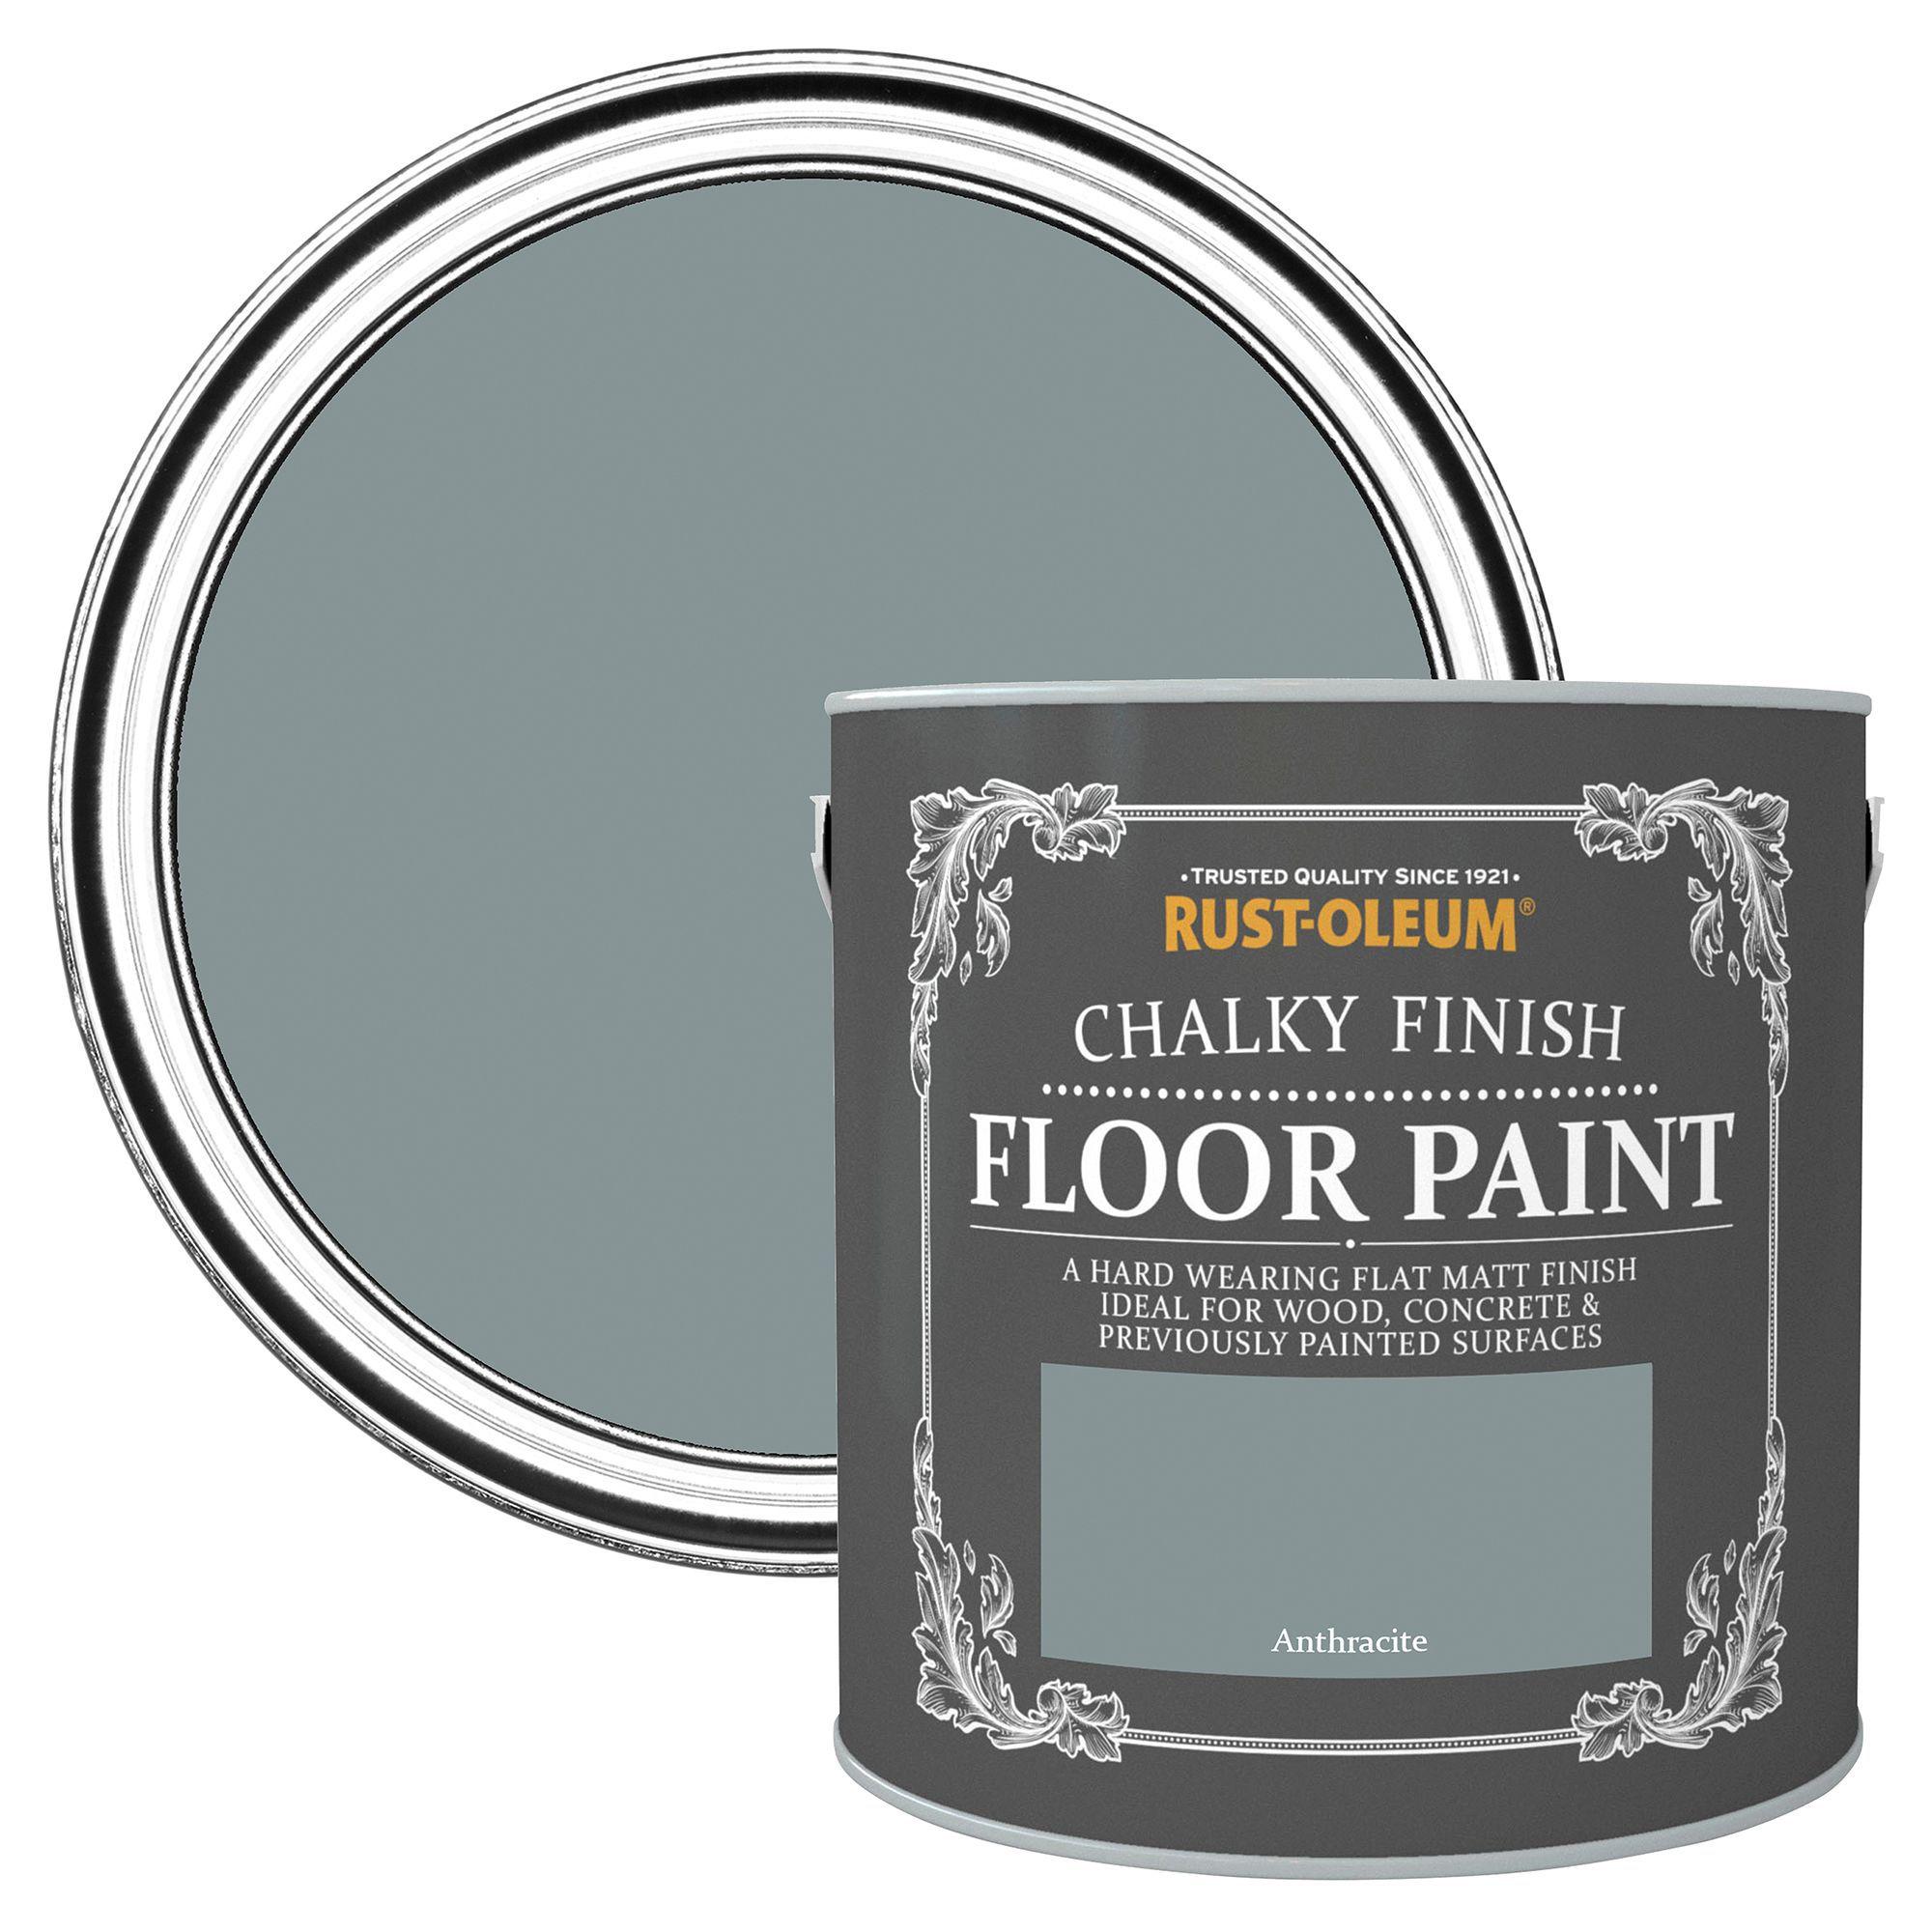 Rust Oleum Anthracite Flat Matt Floor Paint 2.5L | Departments | DIY At Bu0026Q